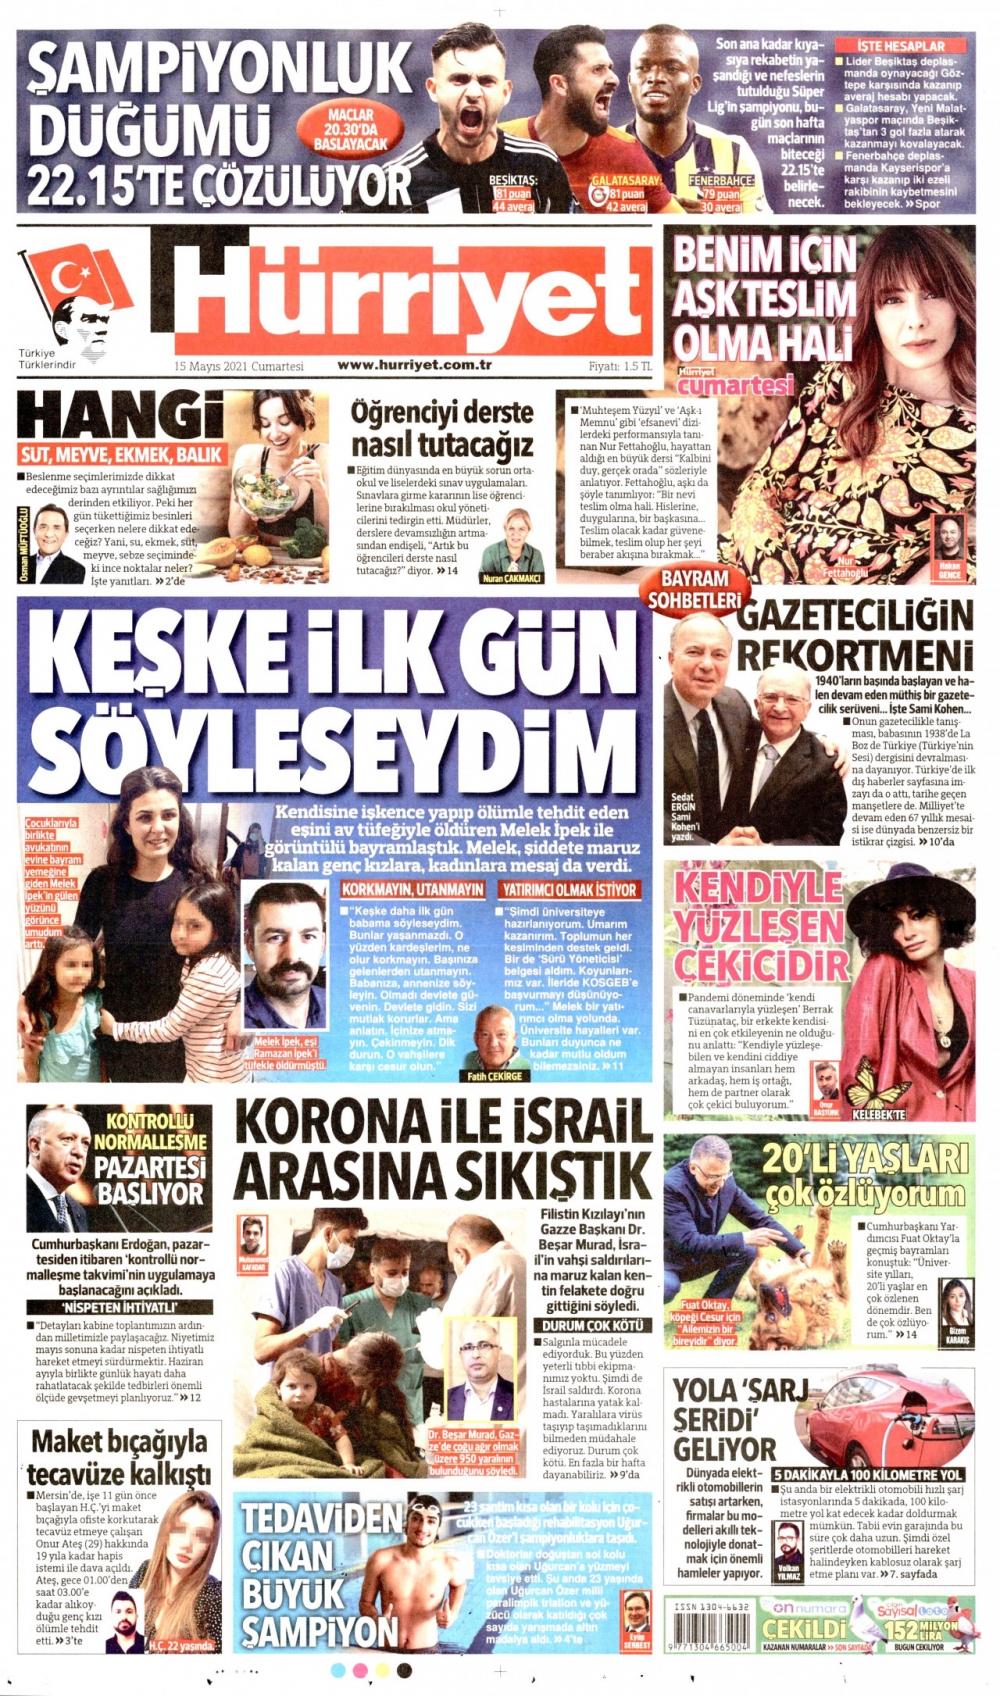 Günün Gazete Manşetleri 15 Mayıs 2021 Gazeteler Ne Diyor? 1